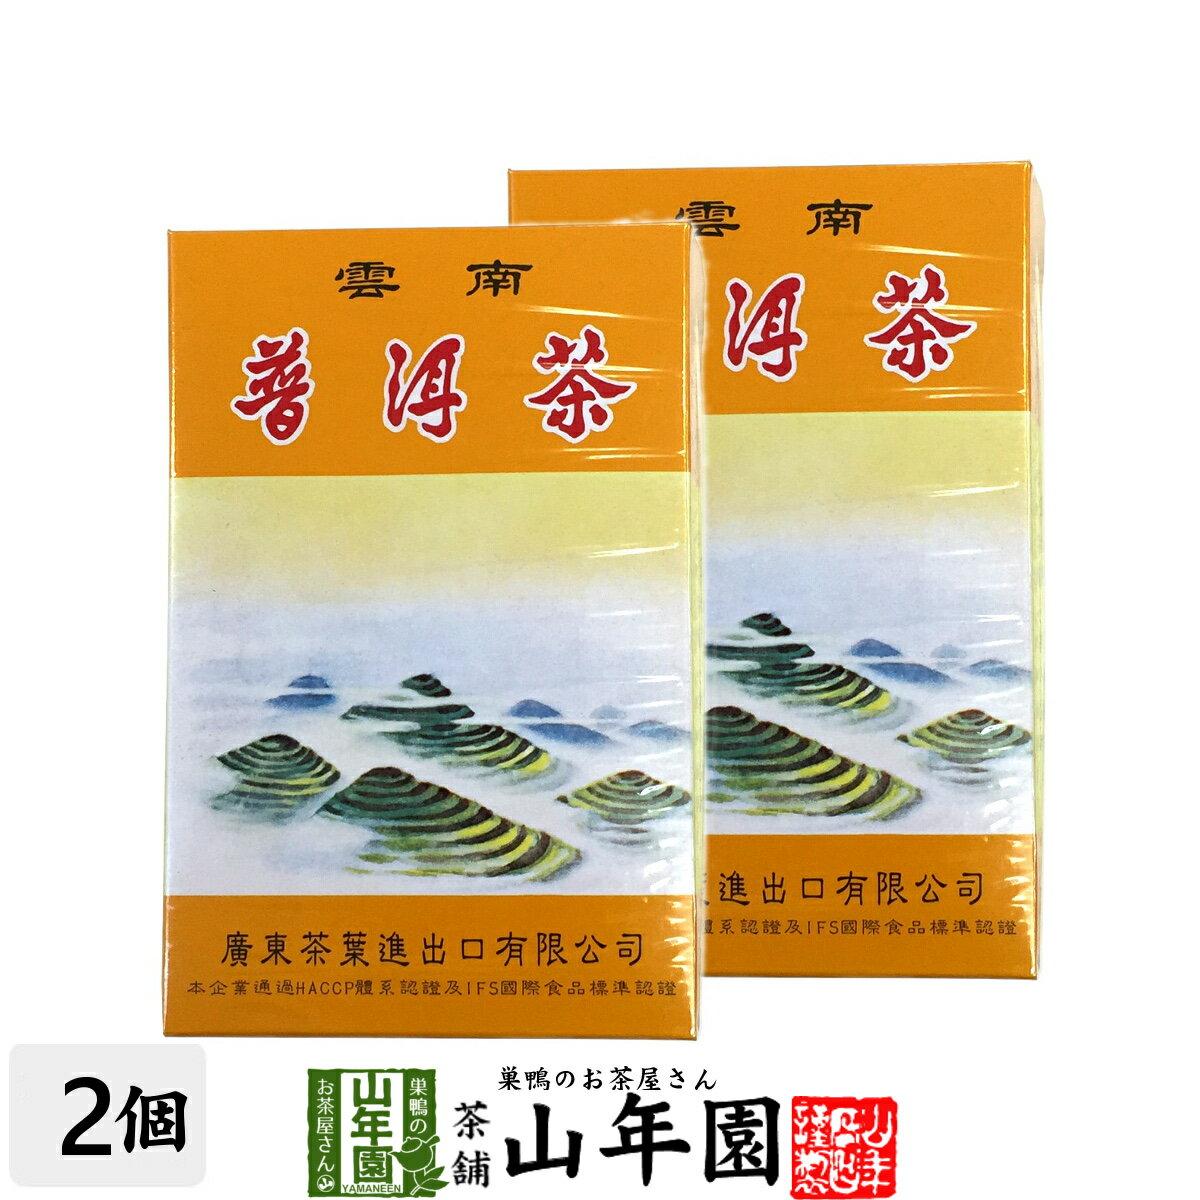 プーアル茶454g×2個セット送料無料美味しいプーアル茶飲みやすいプーアル茶父の日お中元プチギフトお